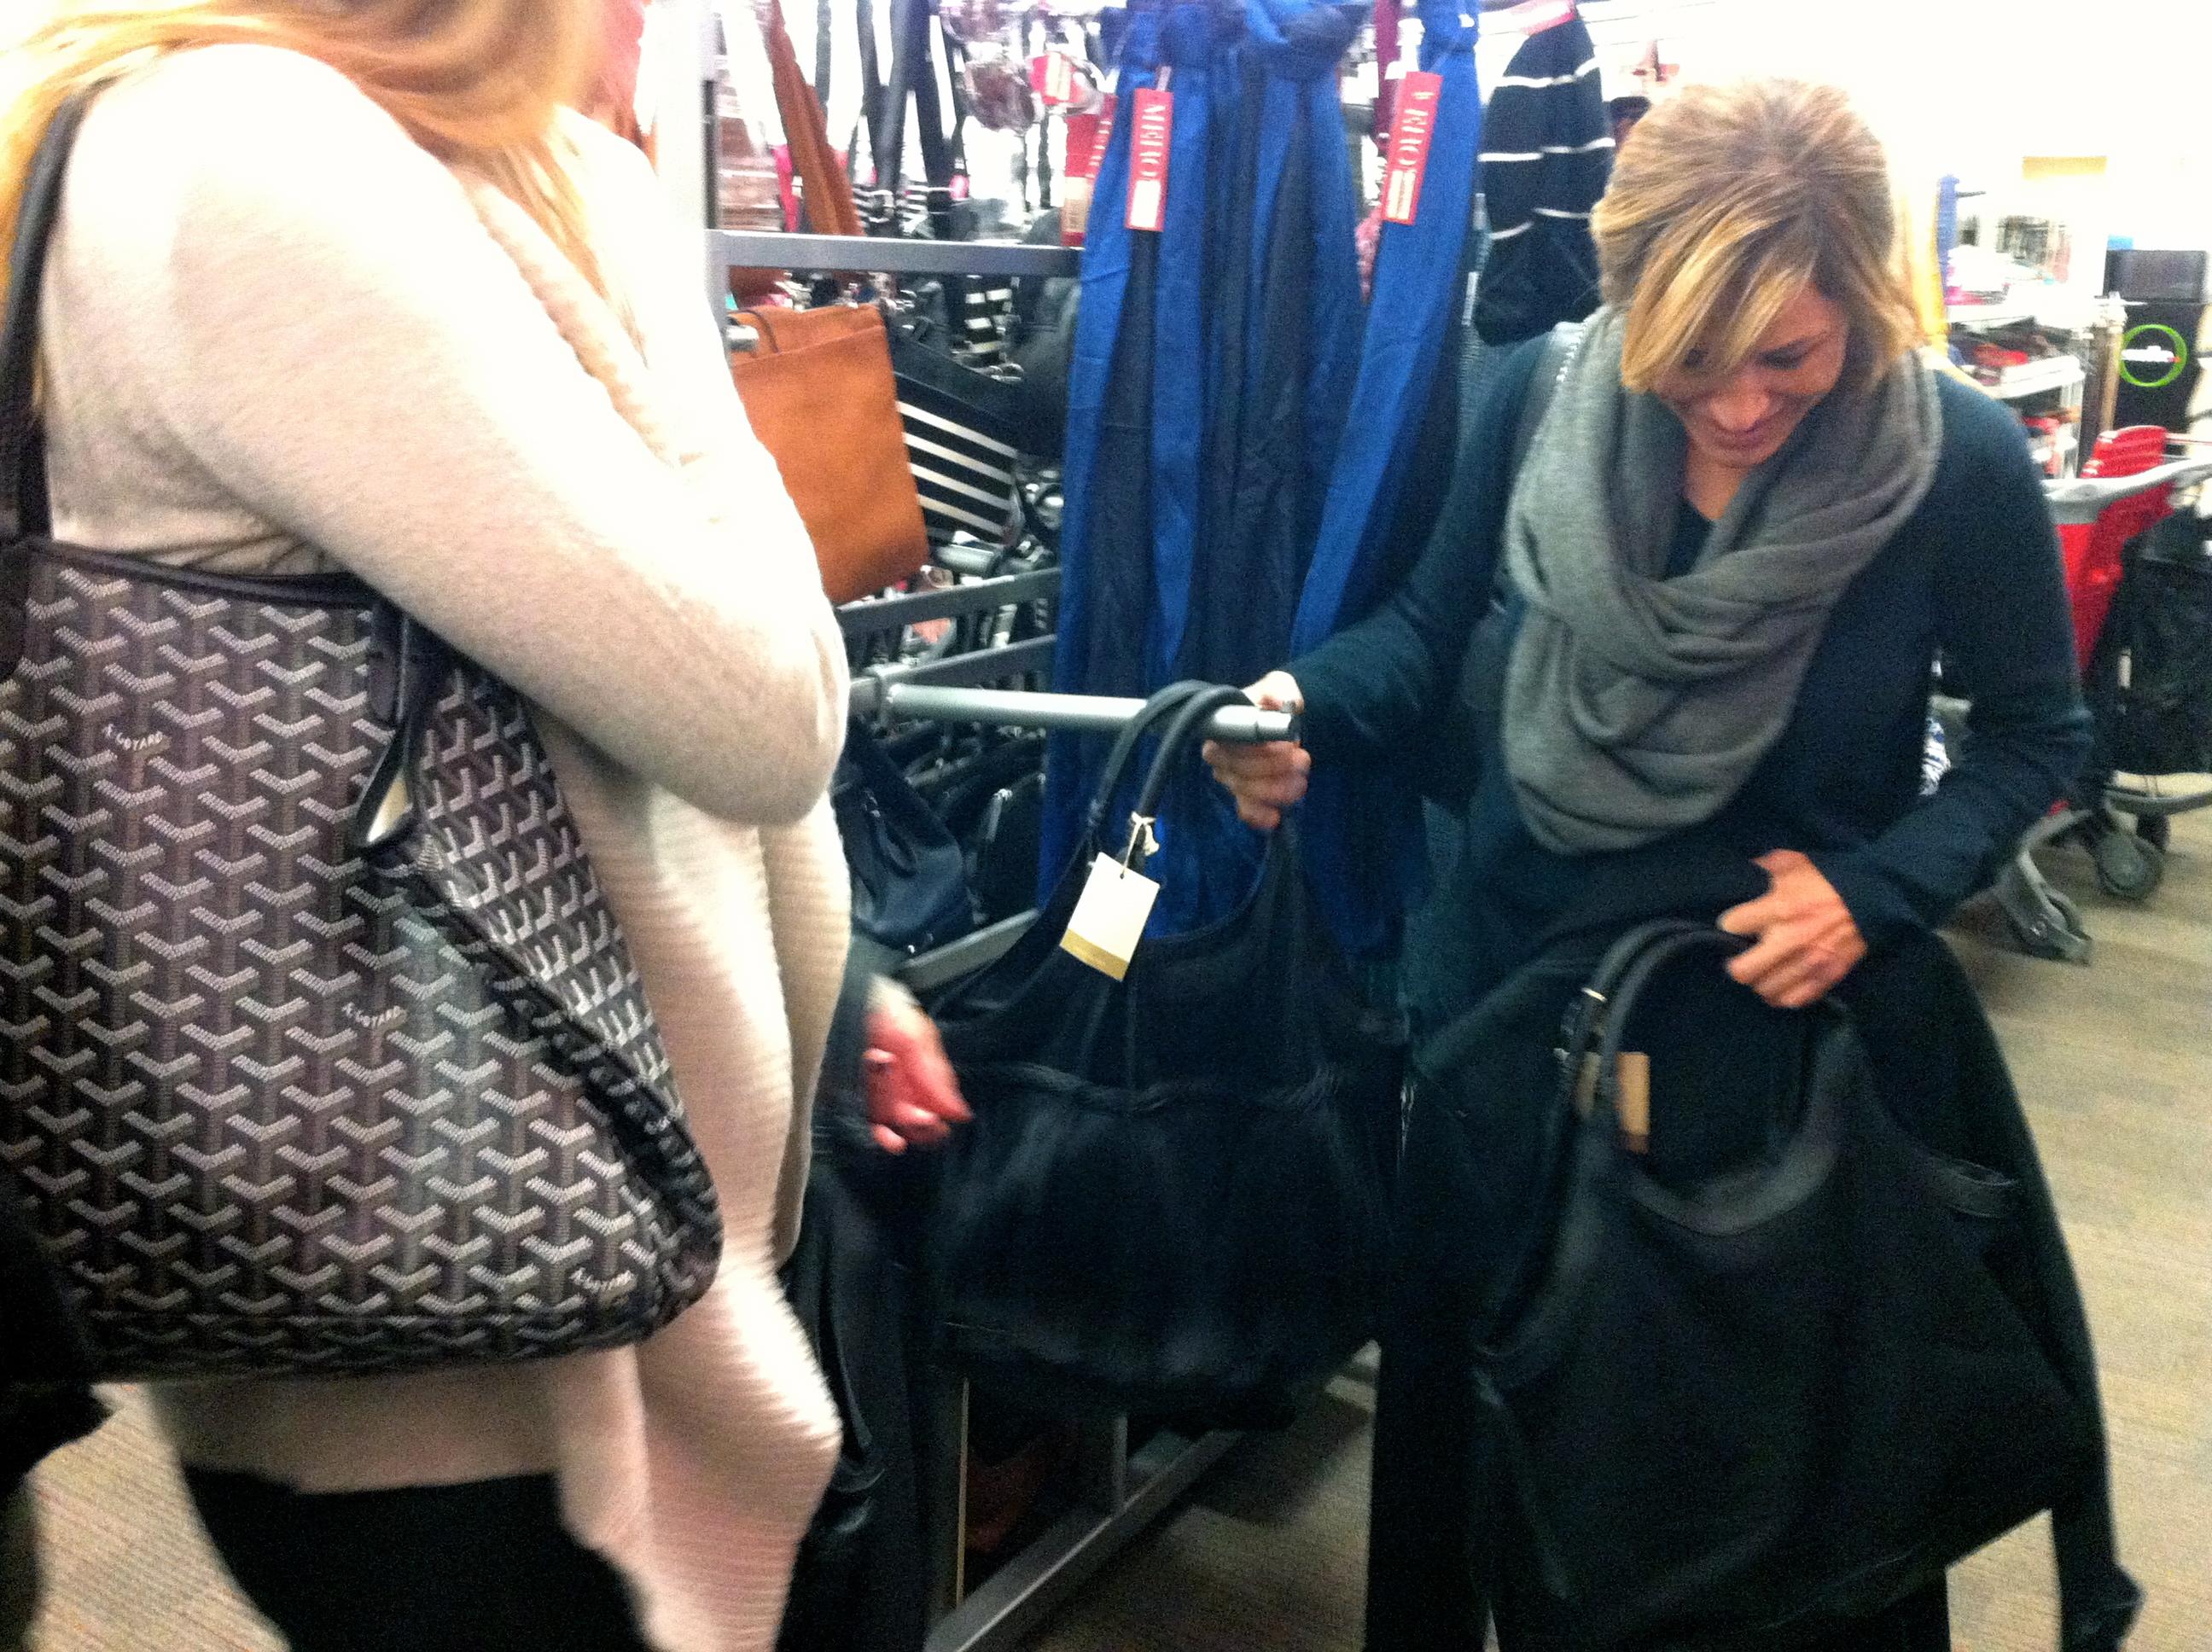 ShoppingatTarget